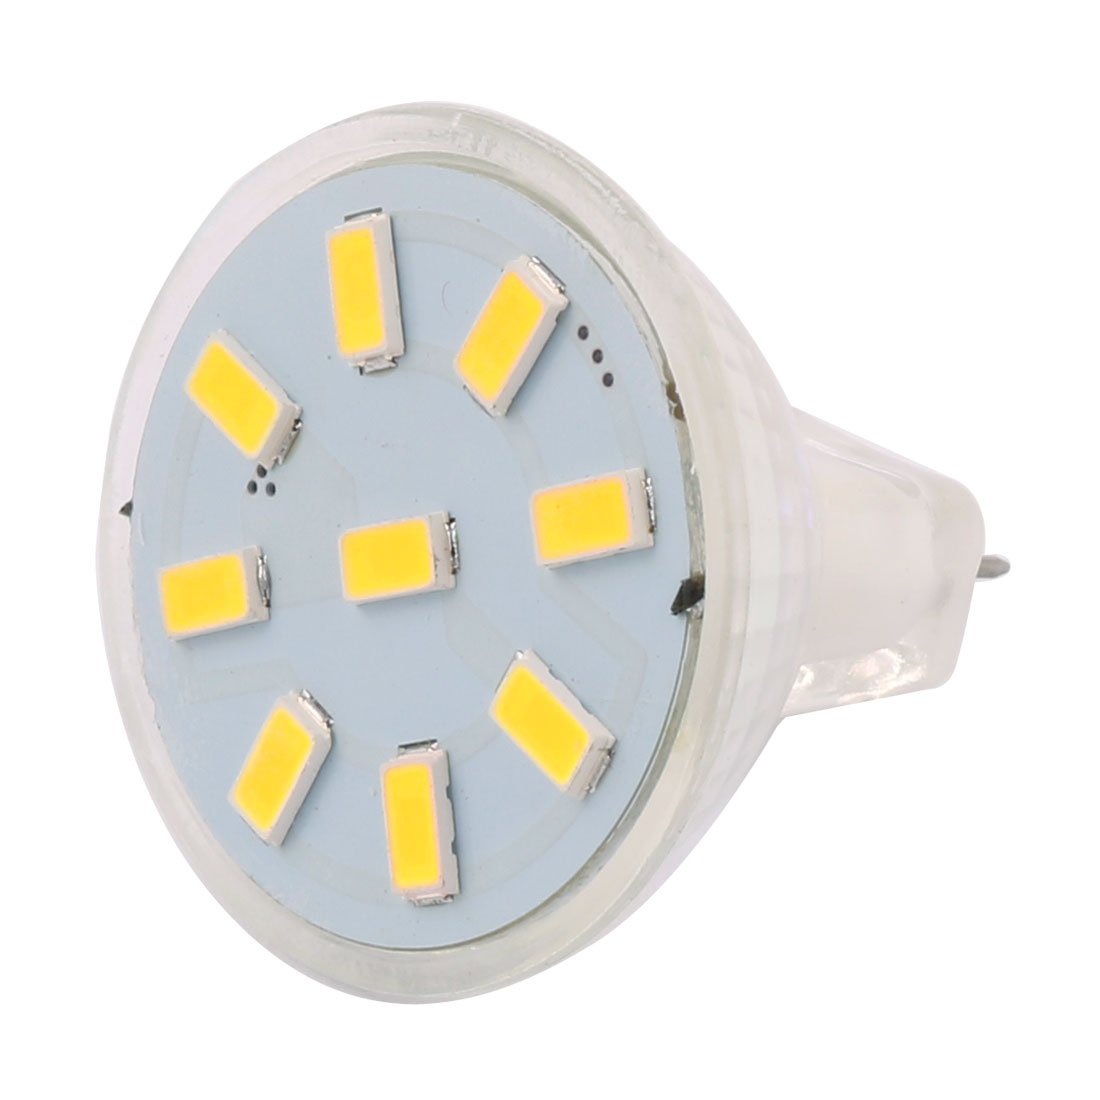 DC 12V 2W MR11 5733 SMD 9 LEDs LED Bulb Light Spotlight Lamp Lighting Cool White